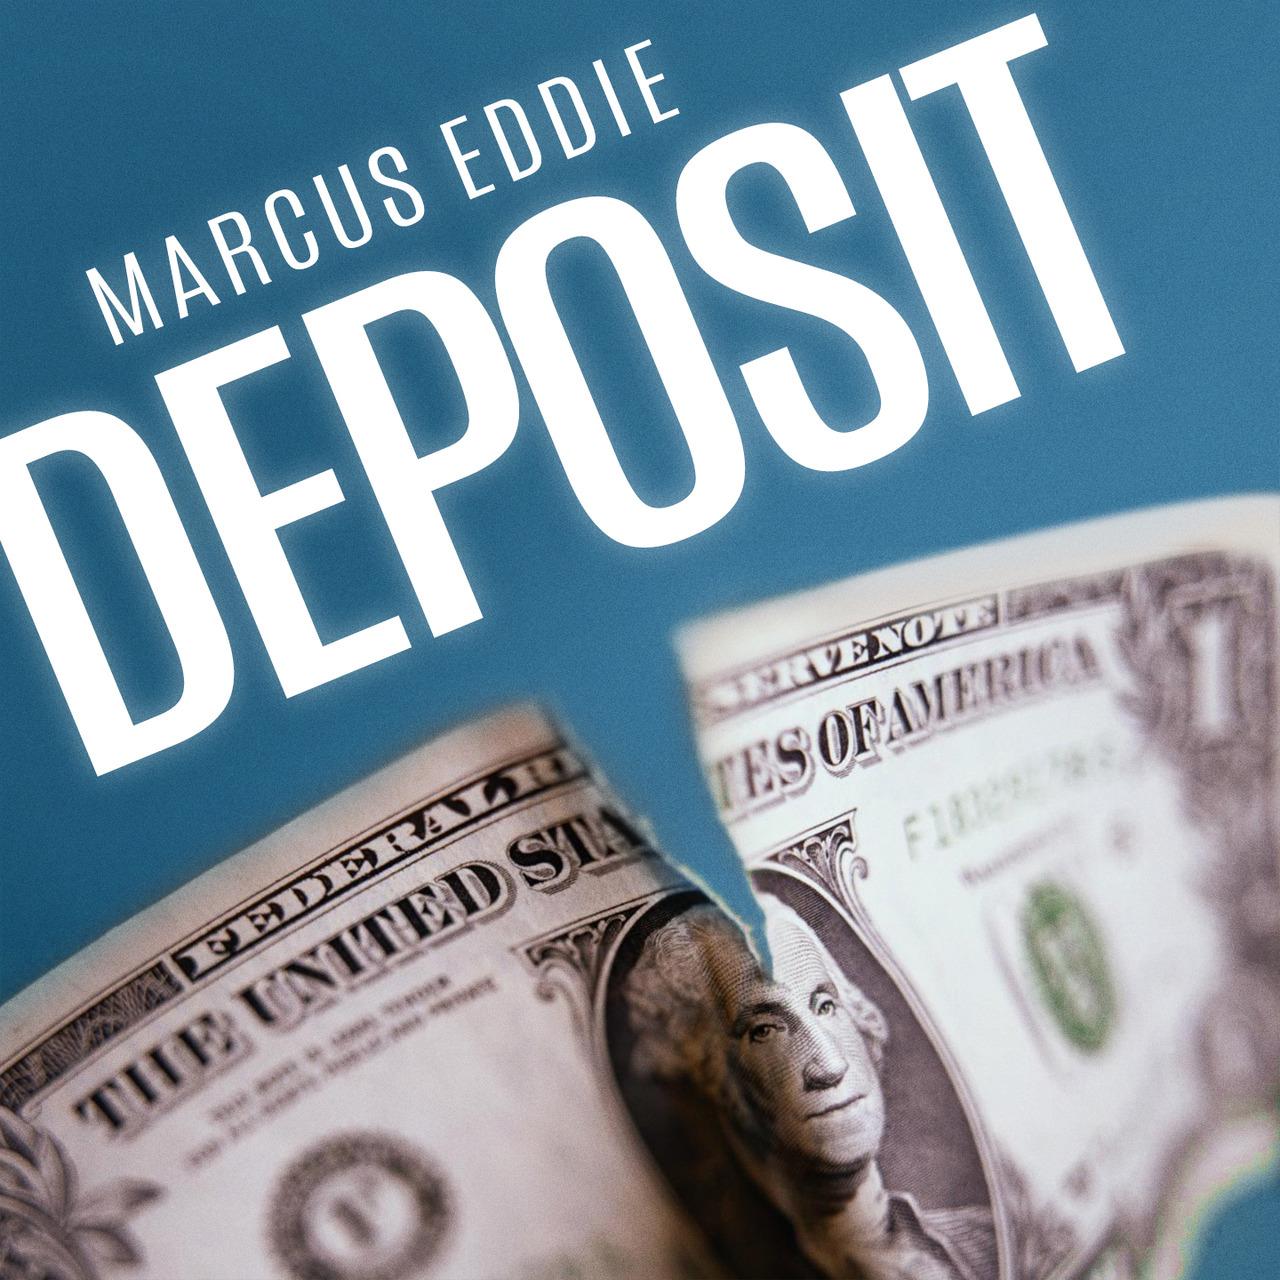 Deposit by Marcus Eddie ( Video + PDF )